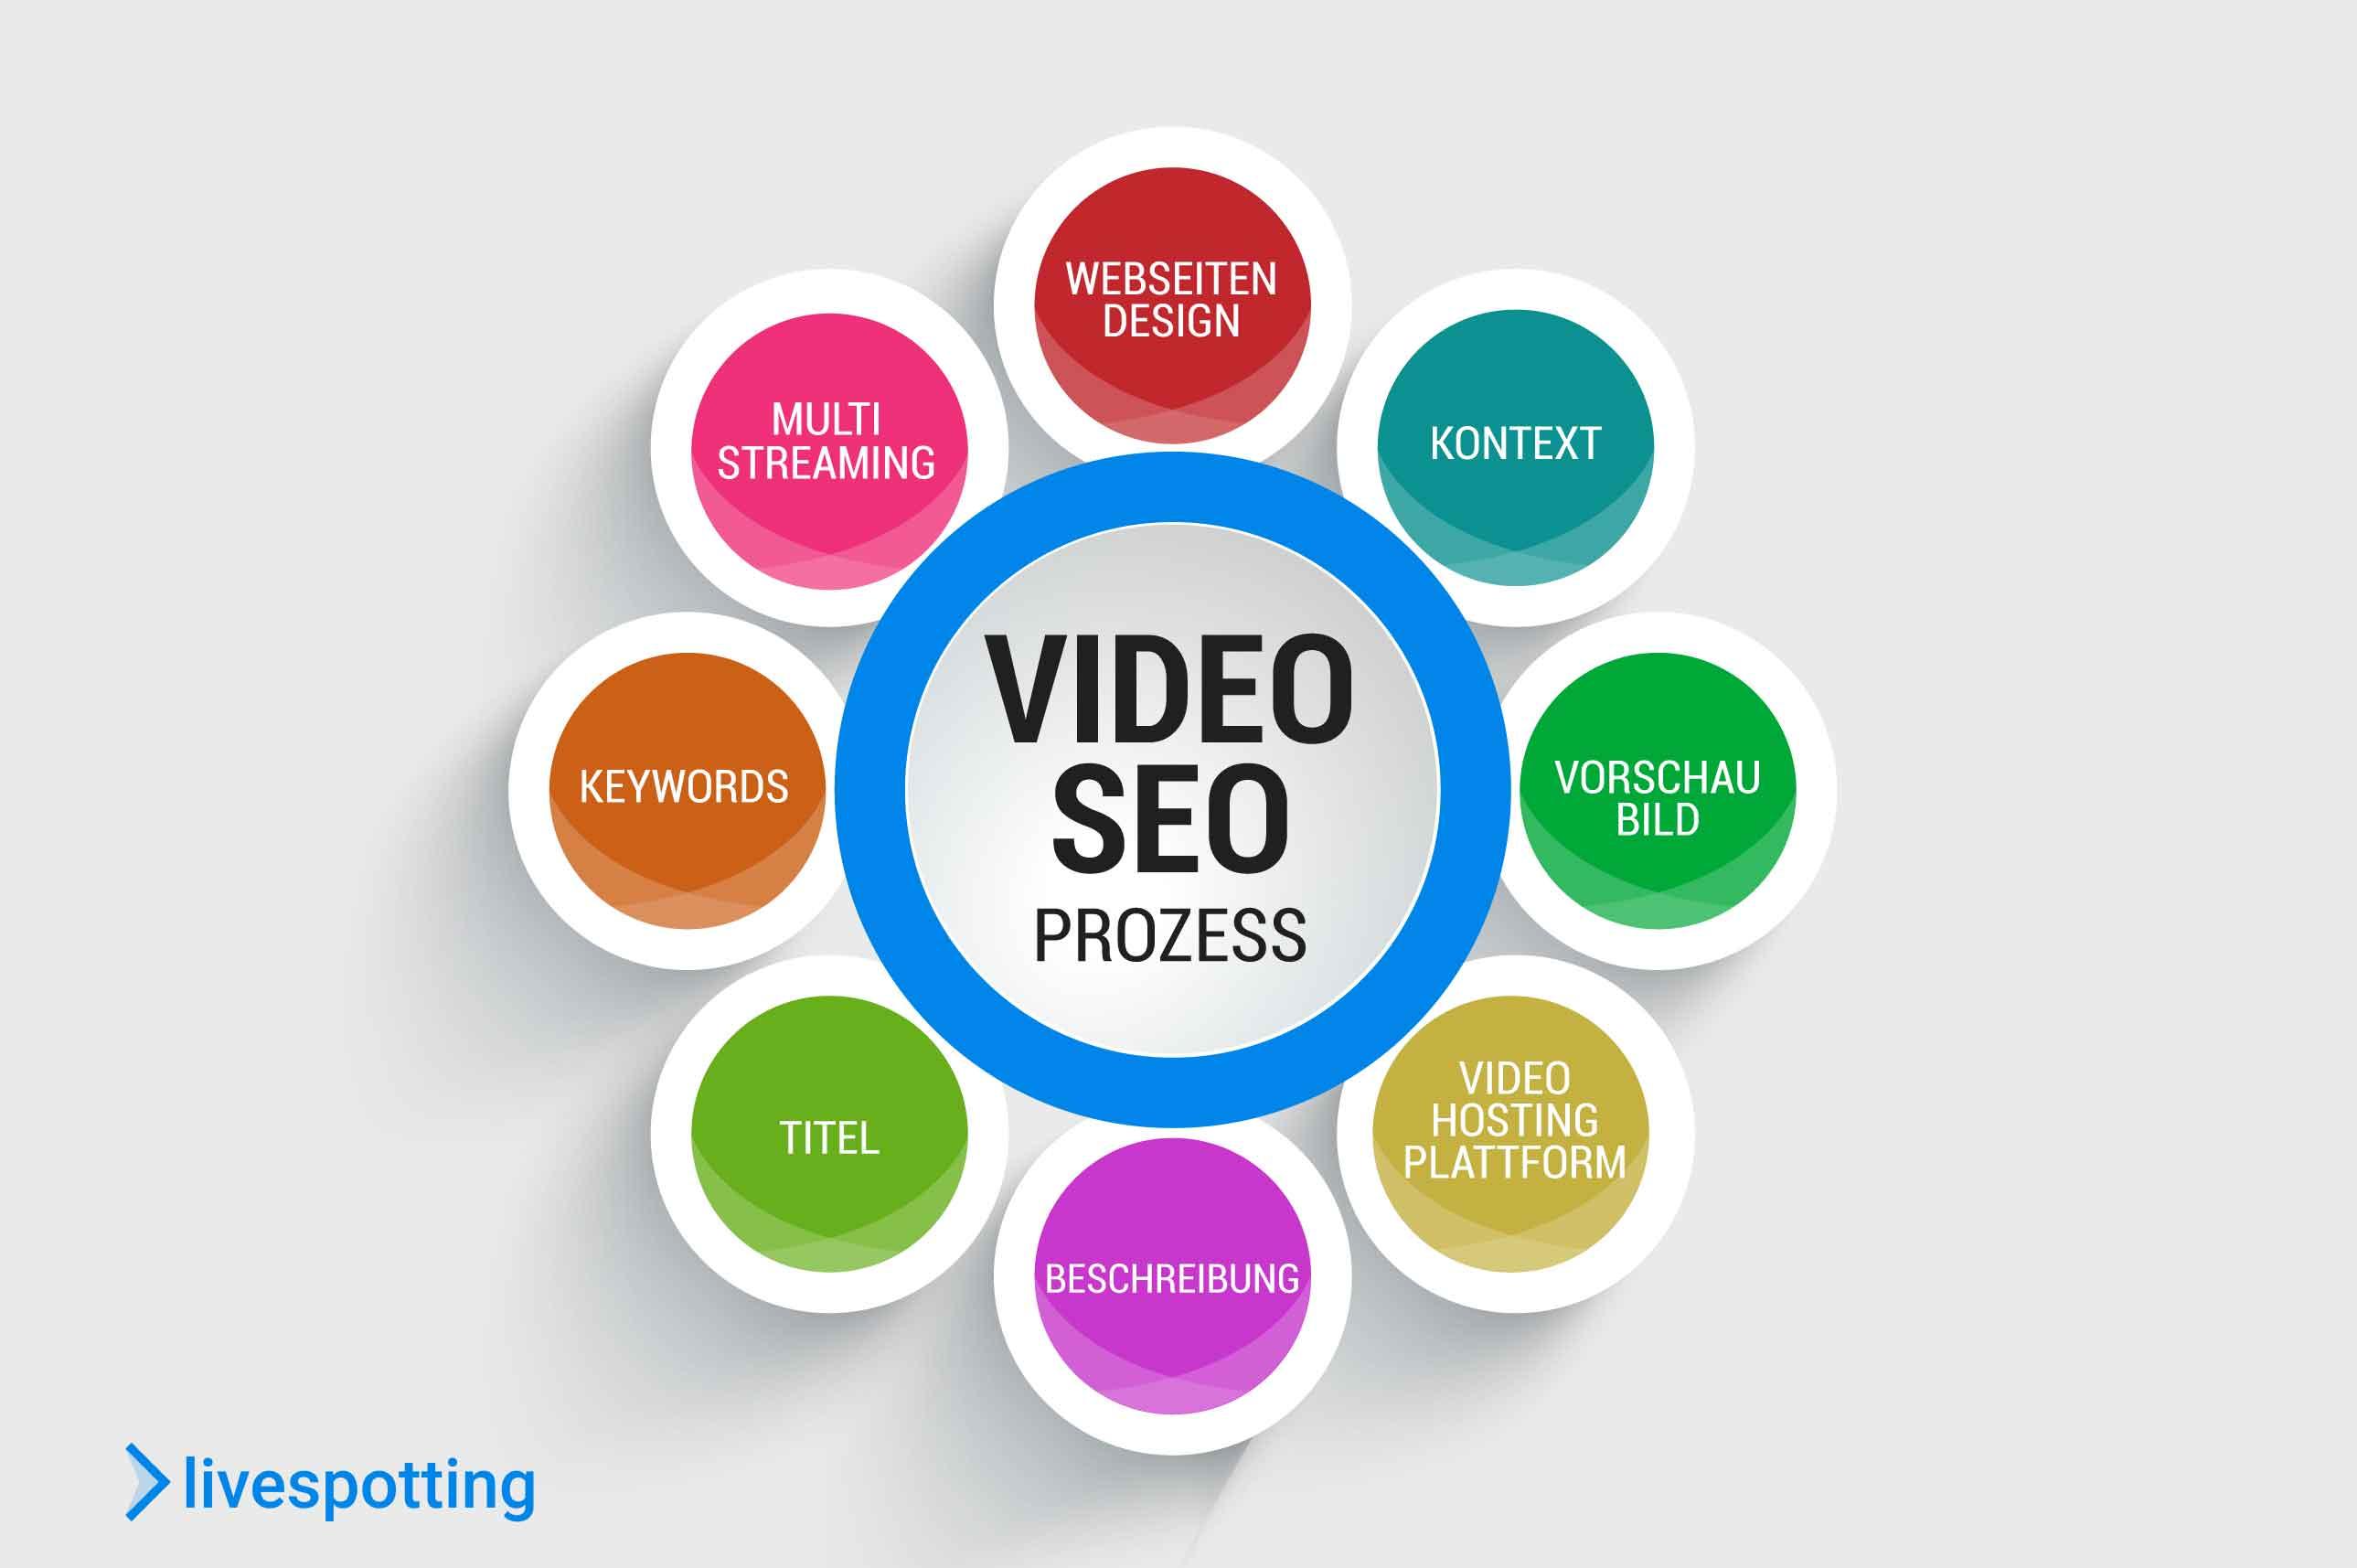 Ein SEO Prozess besteht aus verschiedenen Elementen: Design der Webseite, Kontext, Vorschaubild bzw Thumbnail, Multi-Streaming, Suchwörter aka Keywords, Titel, Metadaten wie Beschreibung und natürlich die Videohosting Plattform wie livespotting.com.